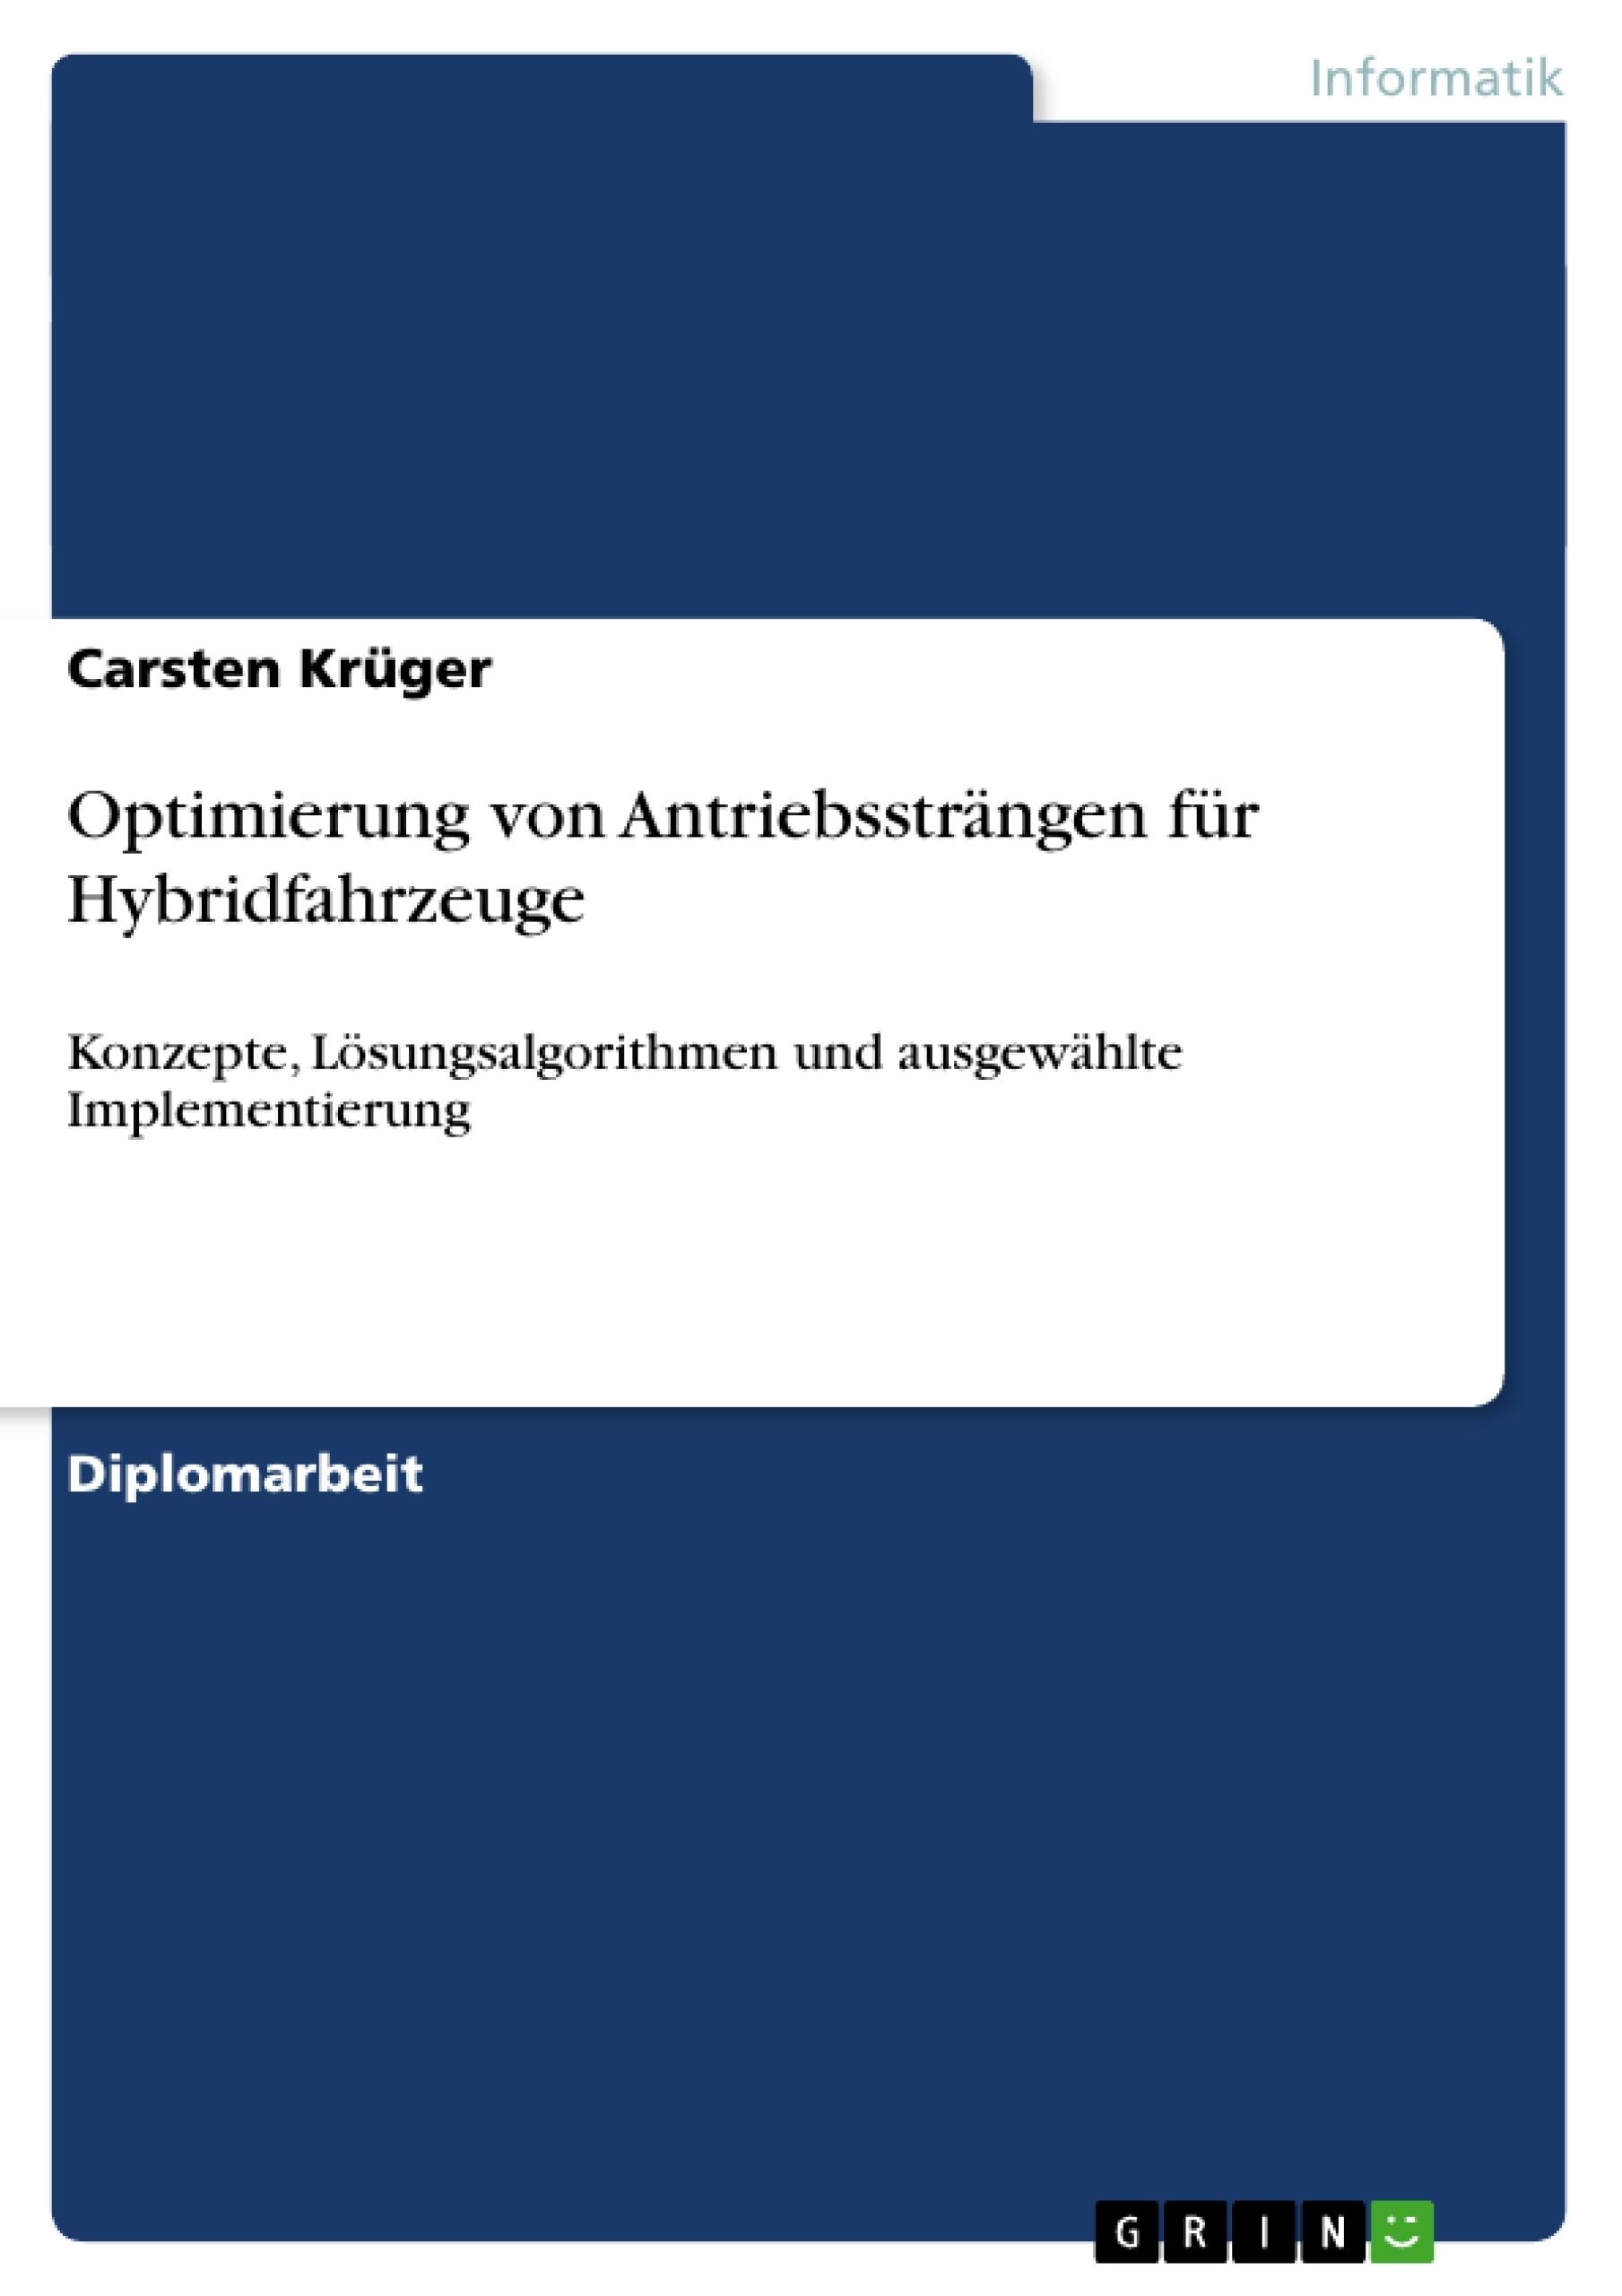 Titel: Optimierung von Antriebssträngen für Hybridfahrzeuge